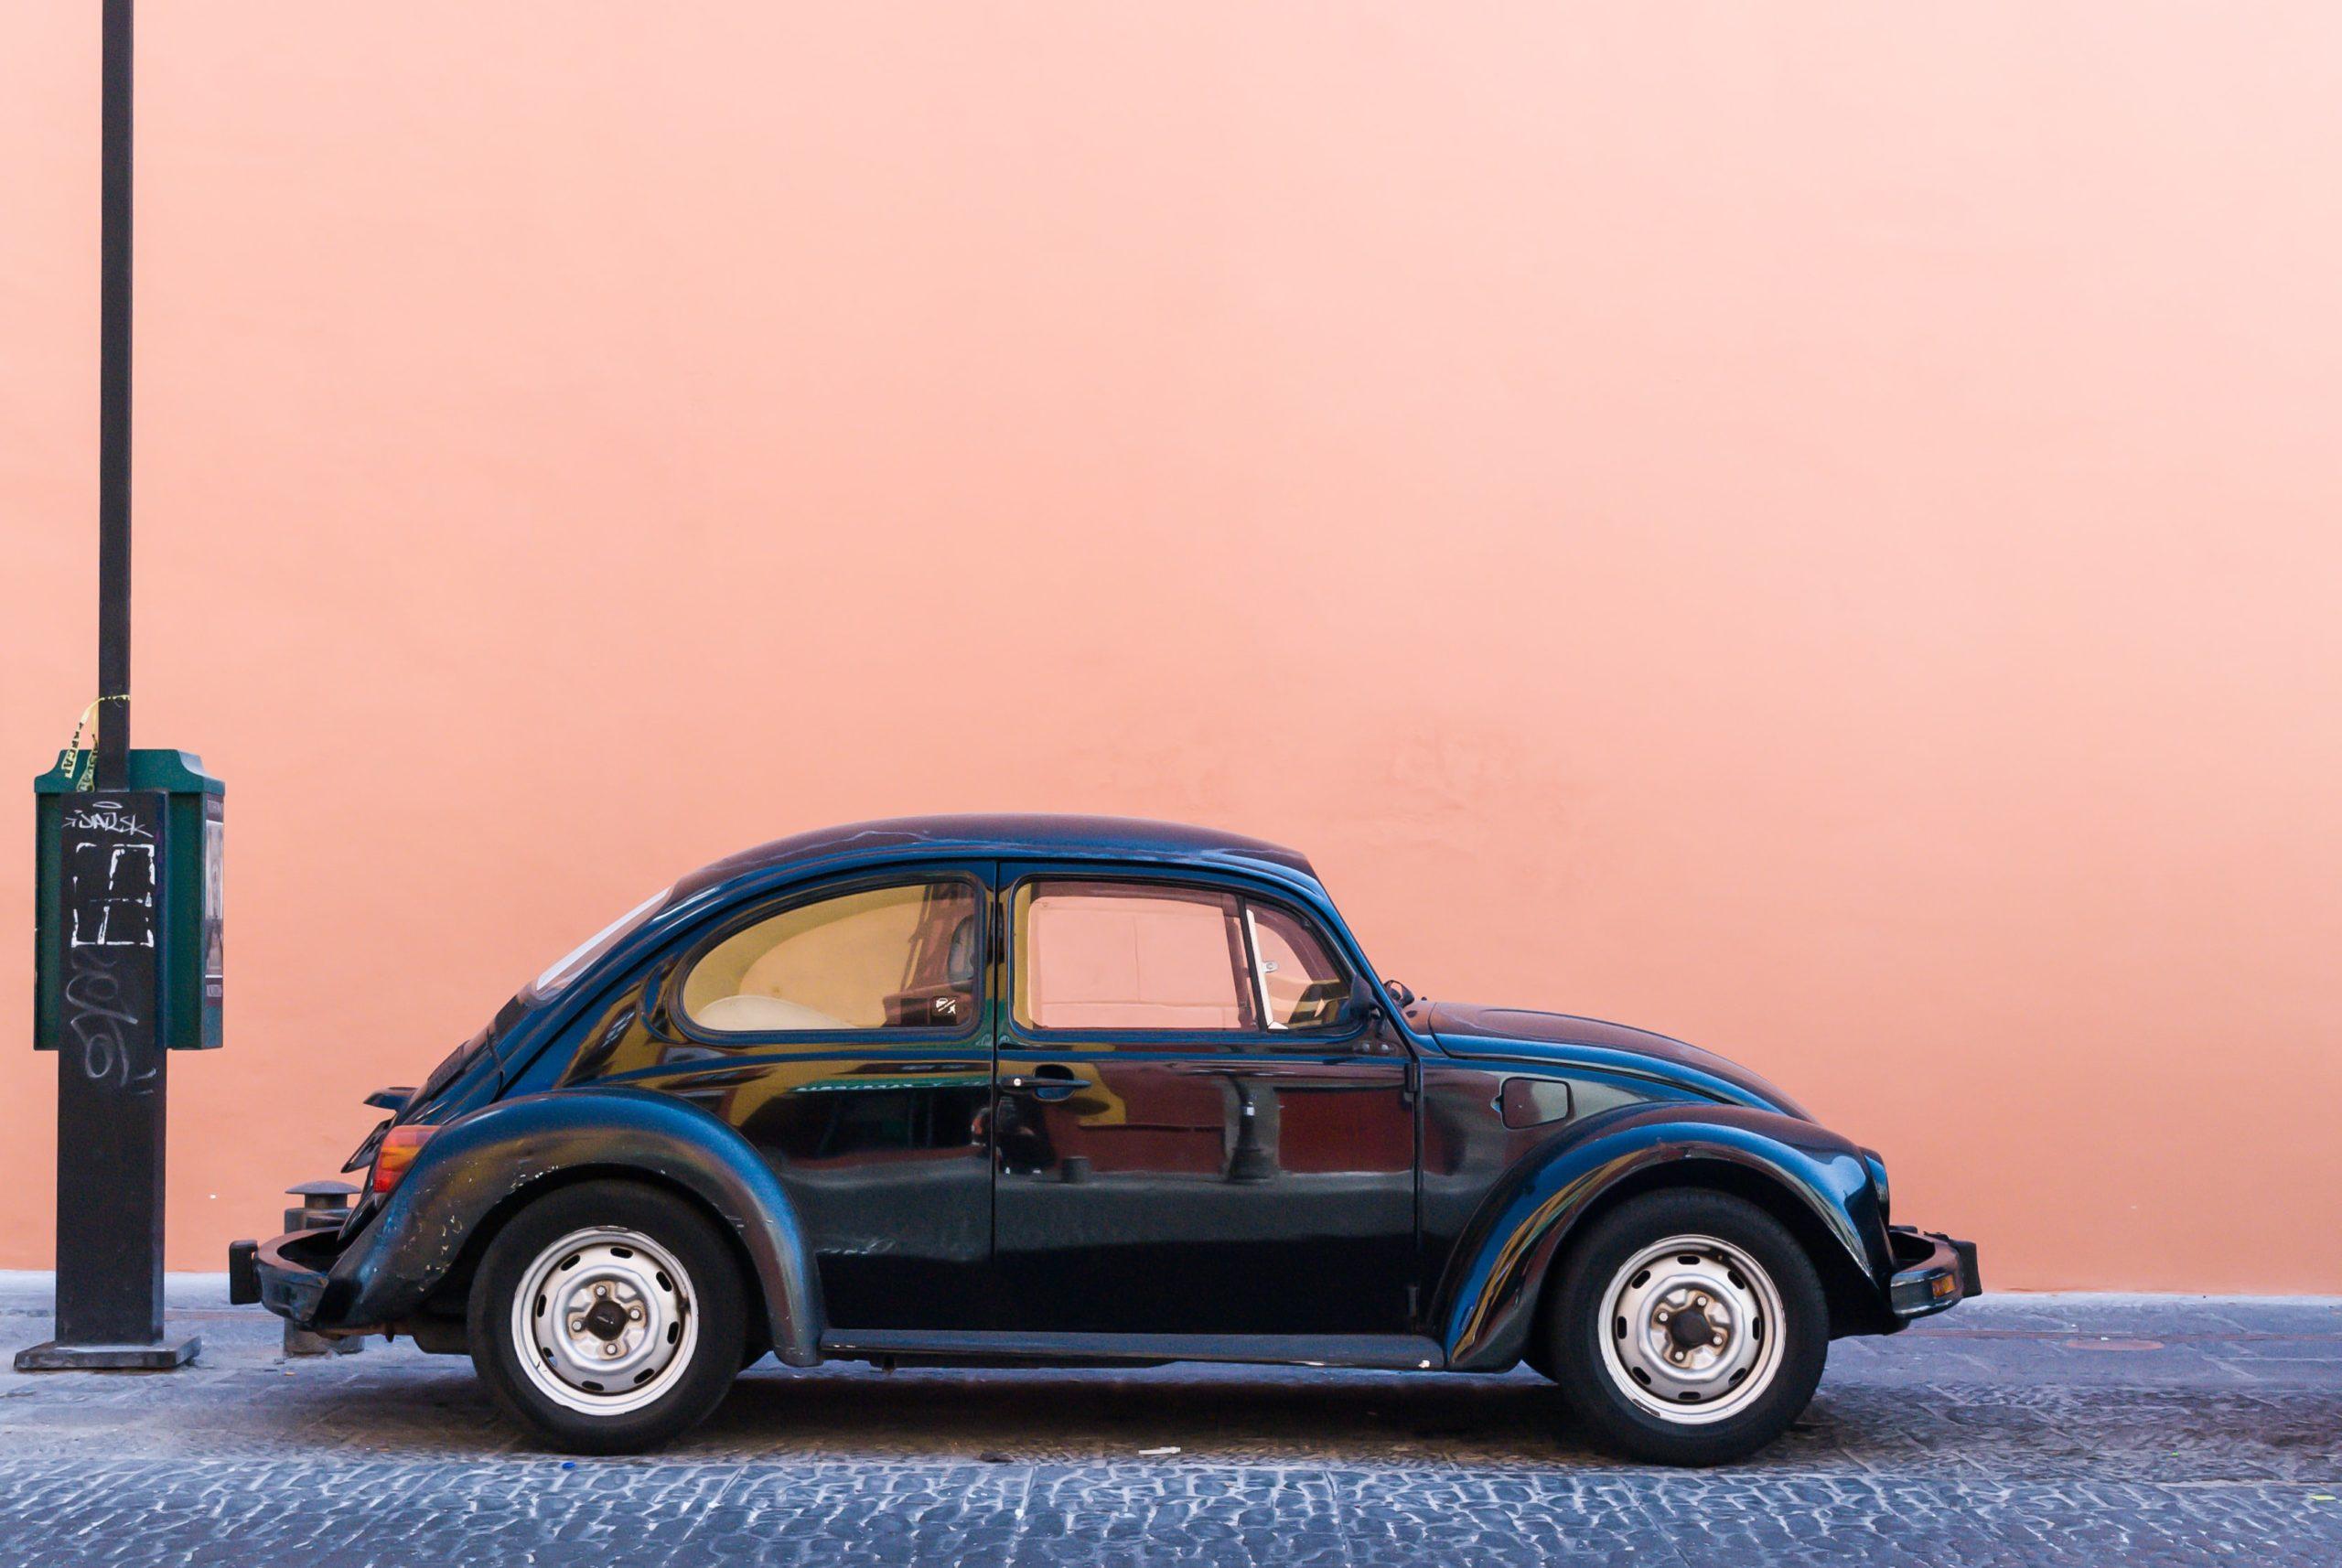 Comment faire pour changer d'assurance auto en cours d'année ?